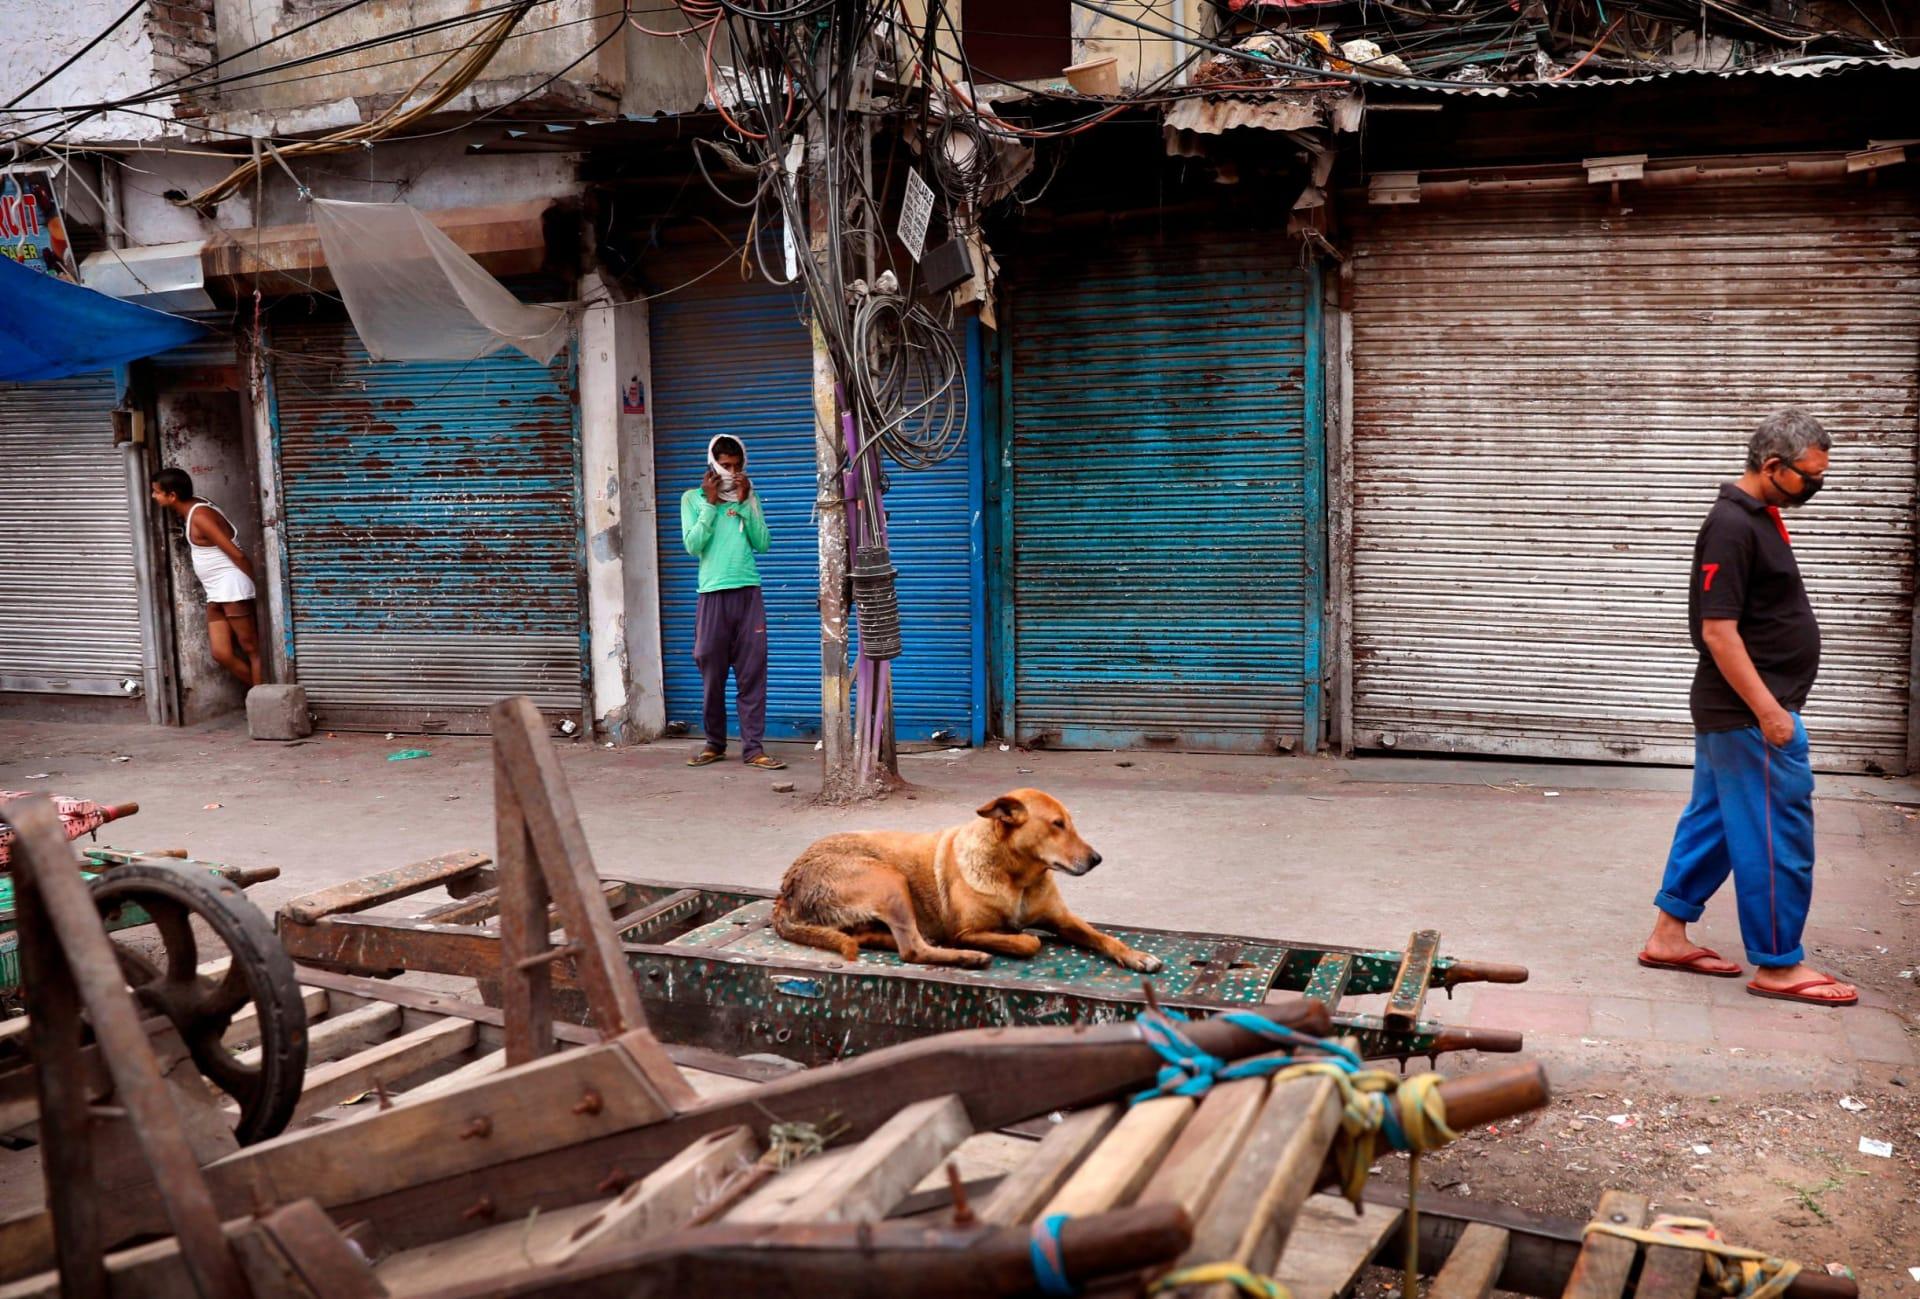 بسبب كورونا.. الاقتصاد الهندي يتراجع بأسرع وتيرة في تاريخه